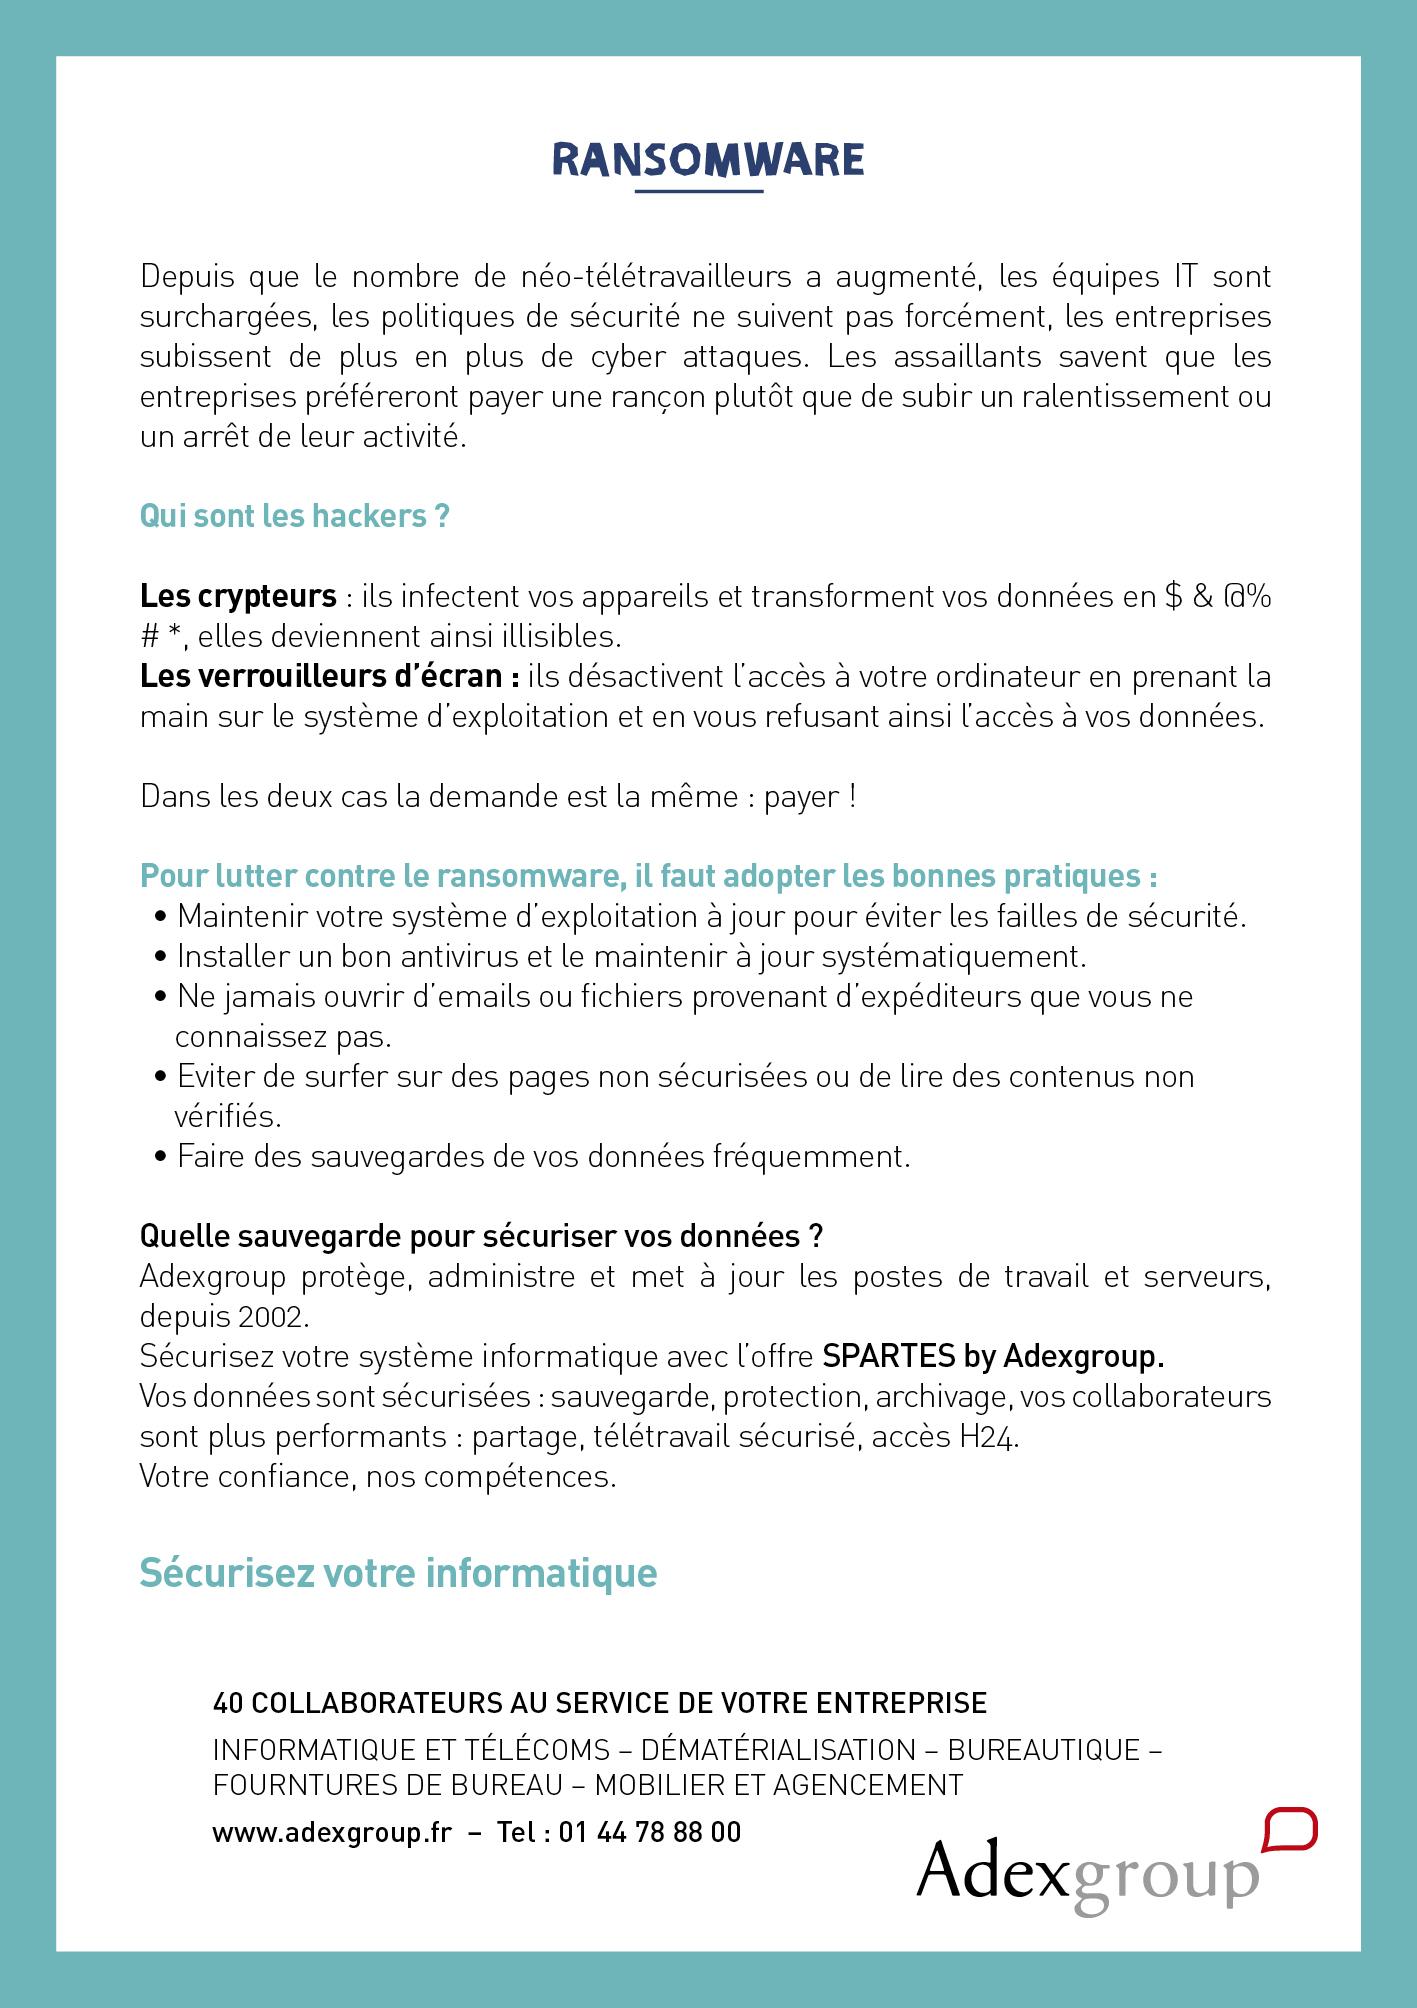 Affiche sur le ransomware